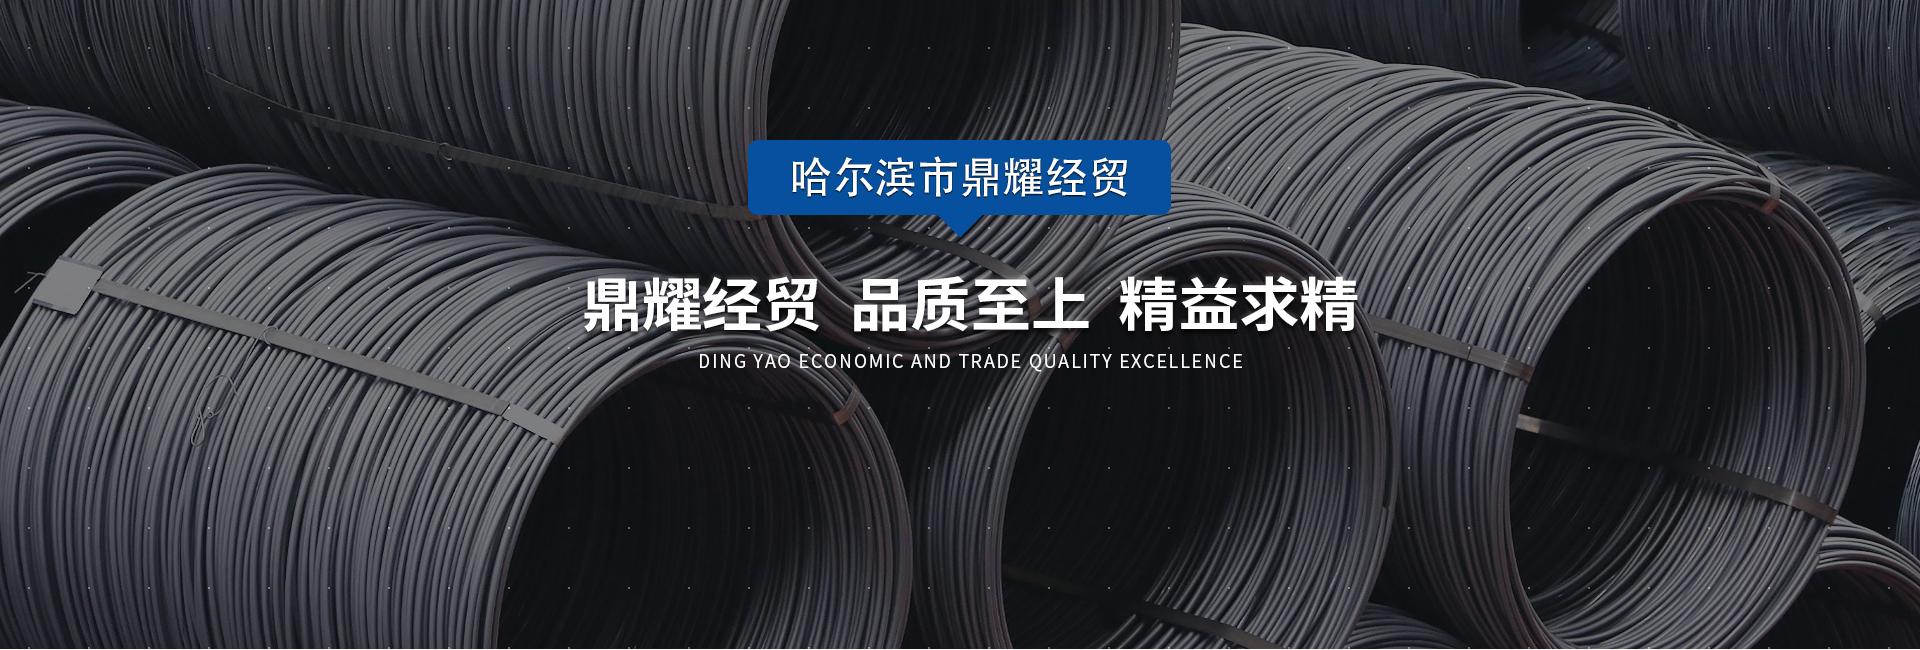 黑龙江矿工钢